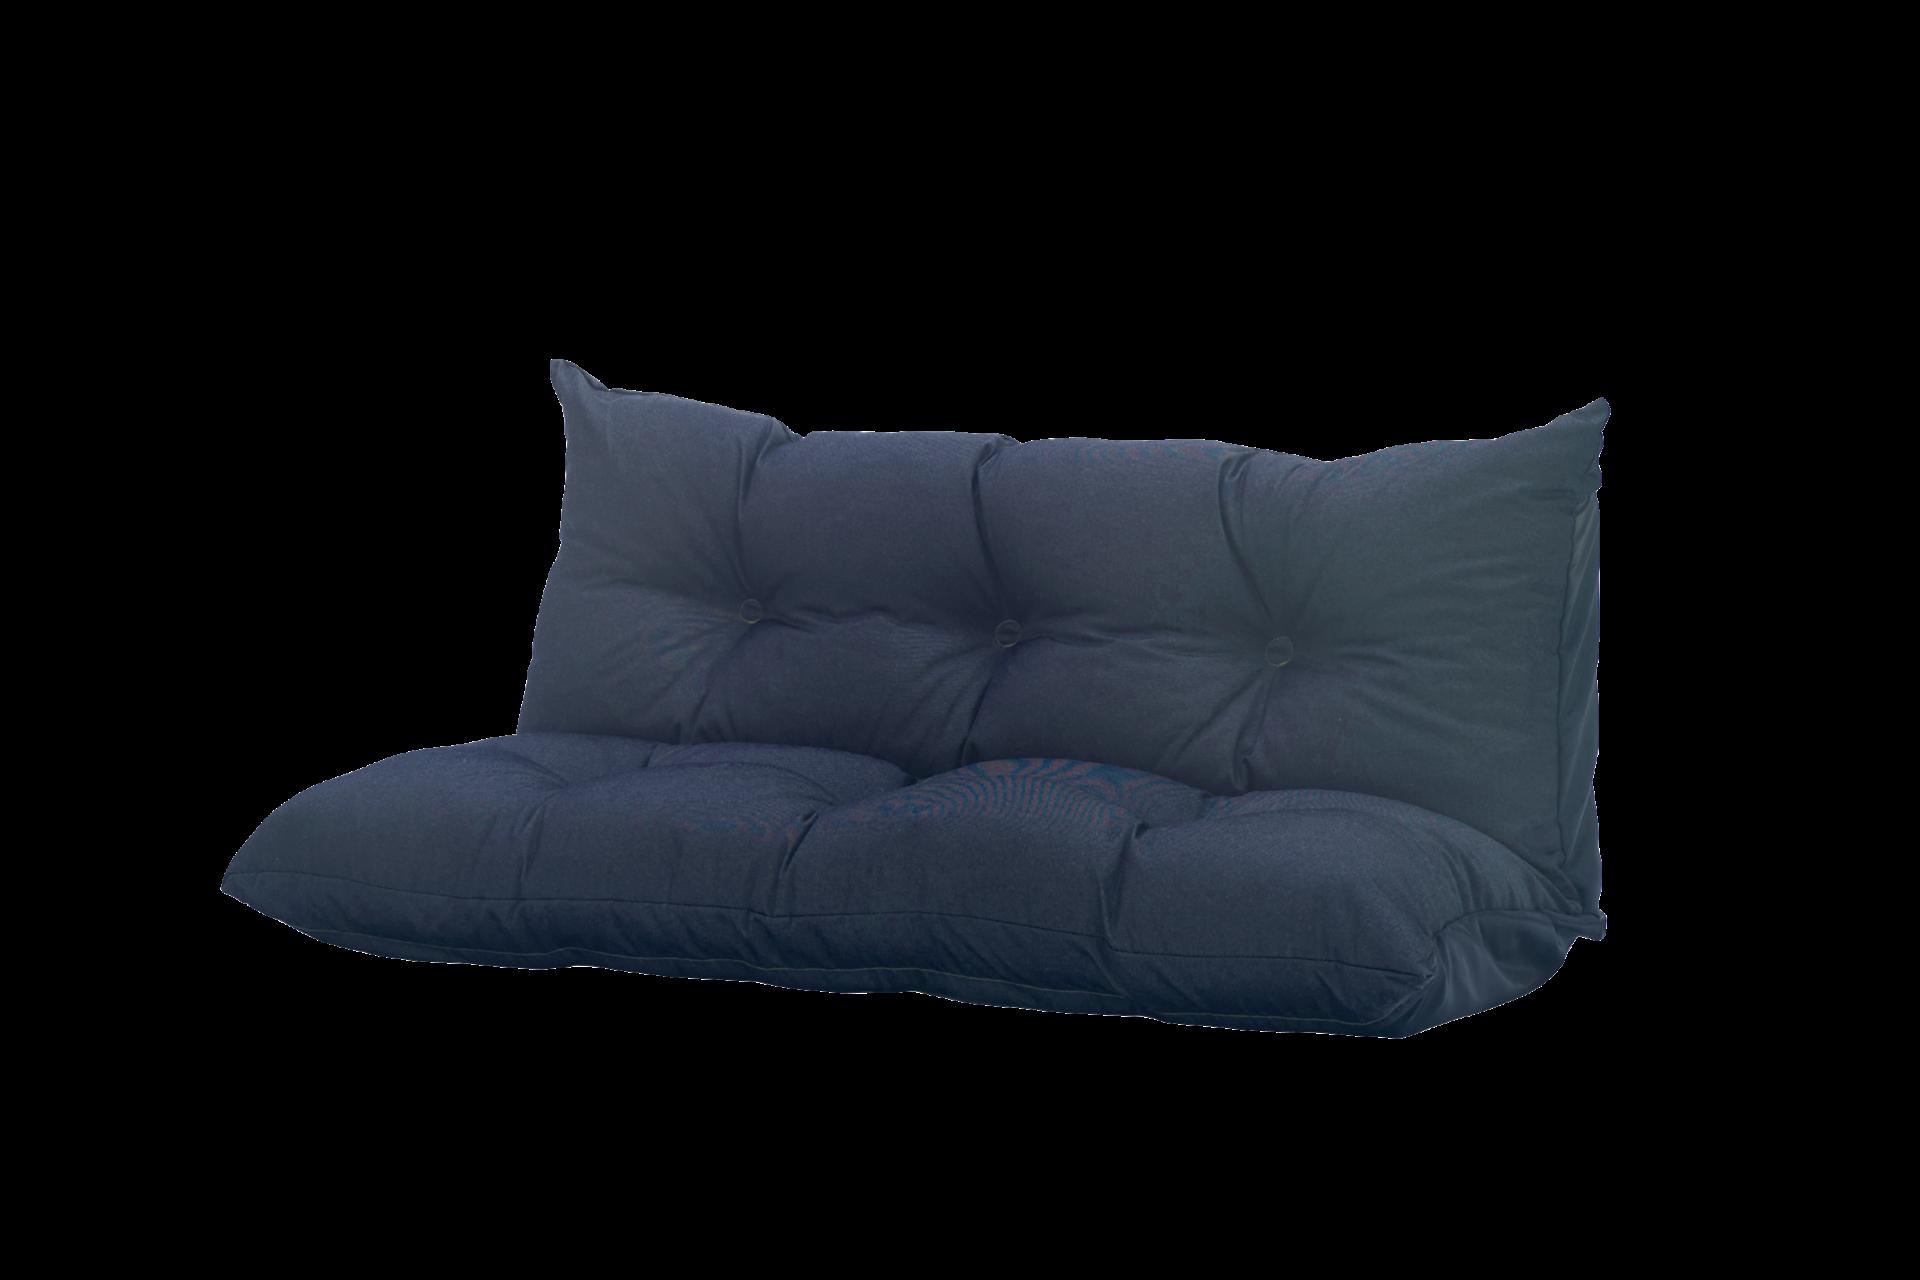 一人でゆったり、二人でも座れる安心の日本製ソファ 14段階のリクライニングソファ